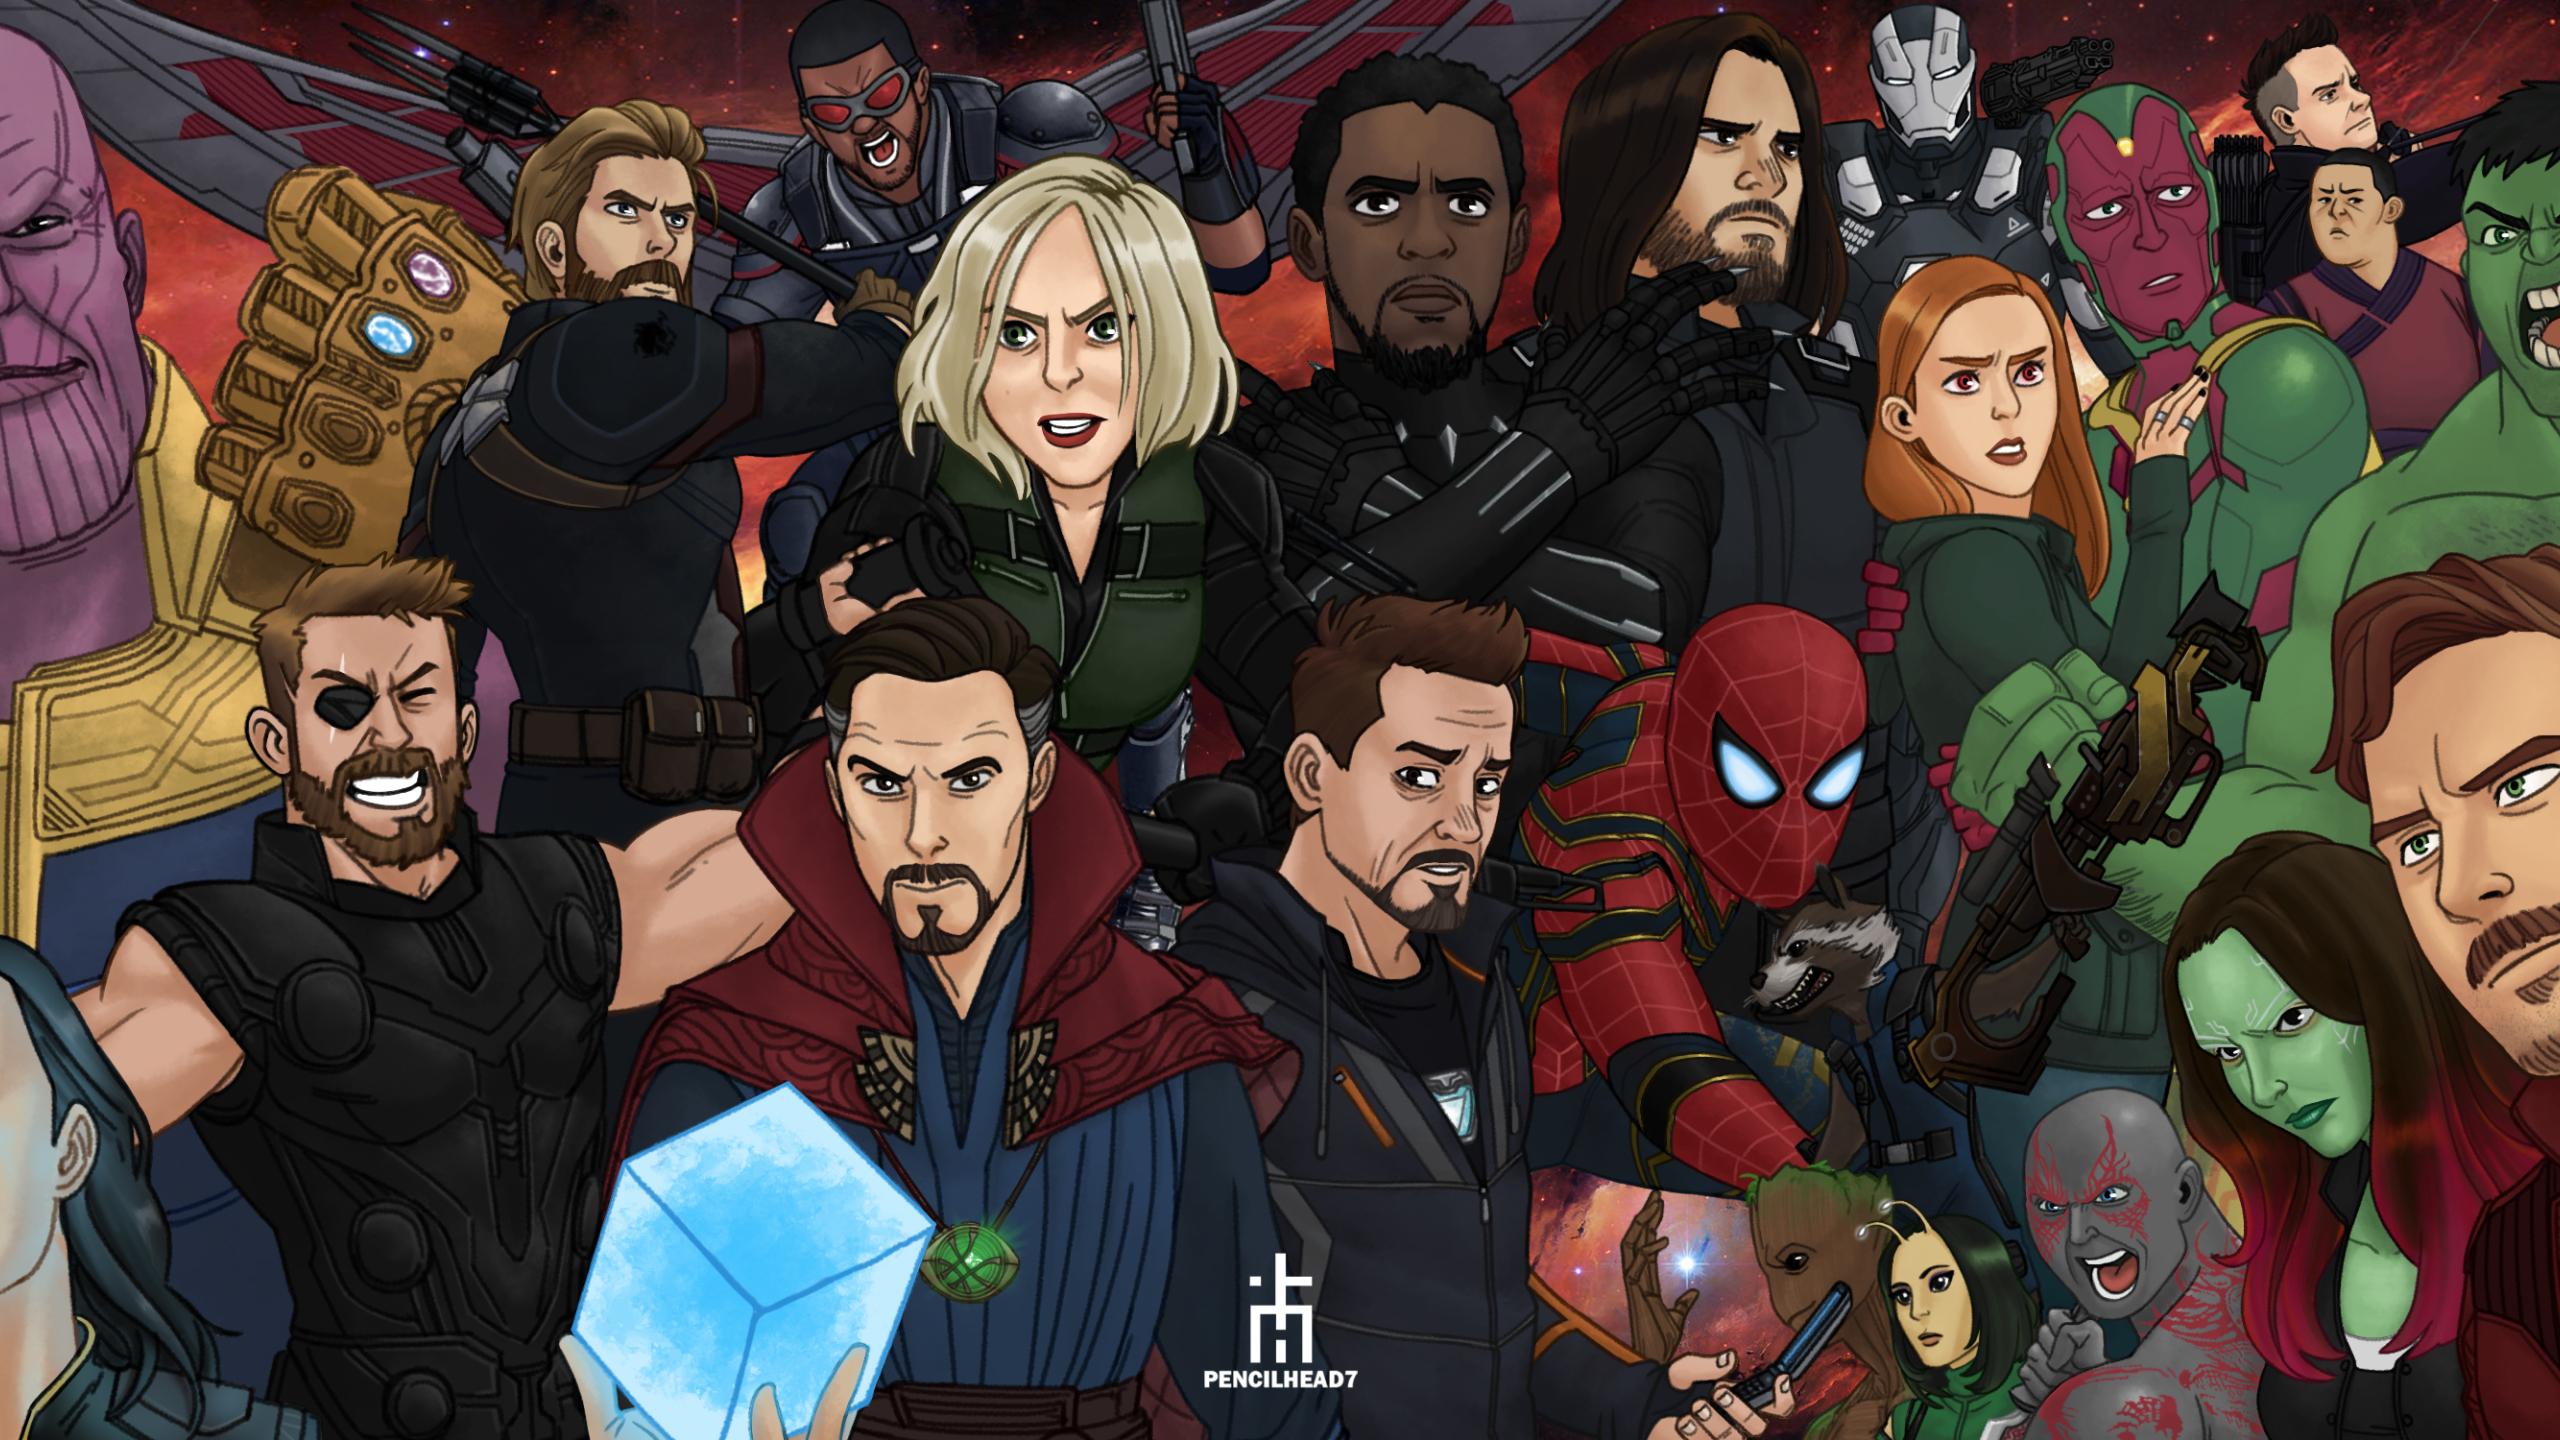 2560x1440 Avengers Infinity War Artwork 1440p Resolution